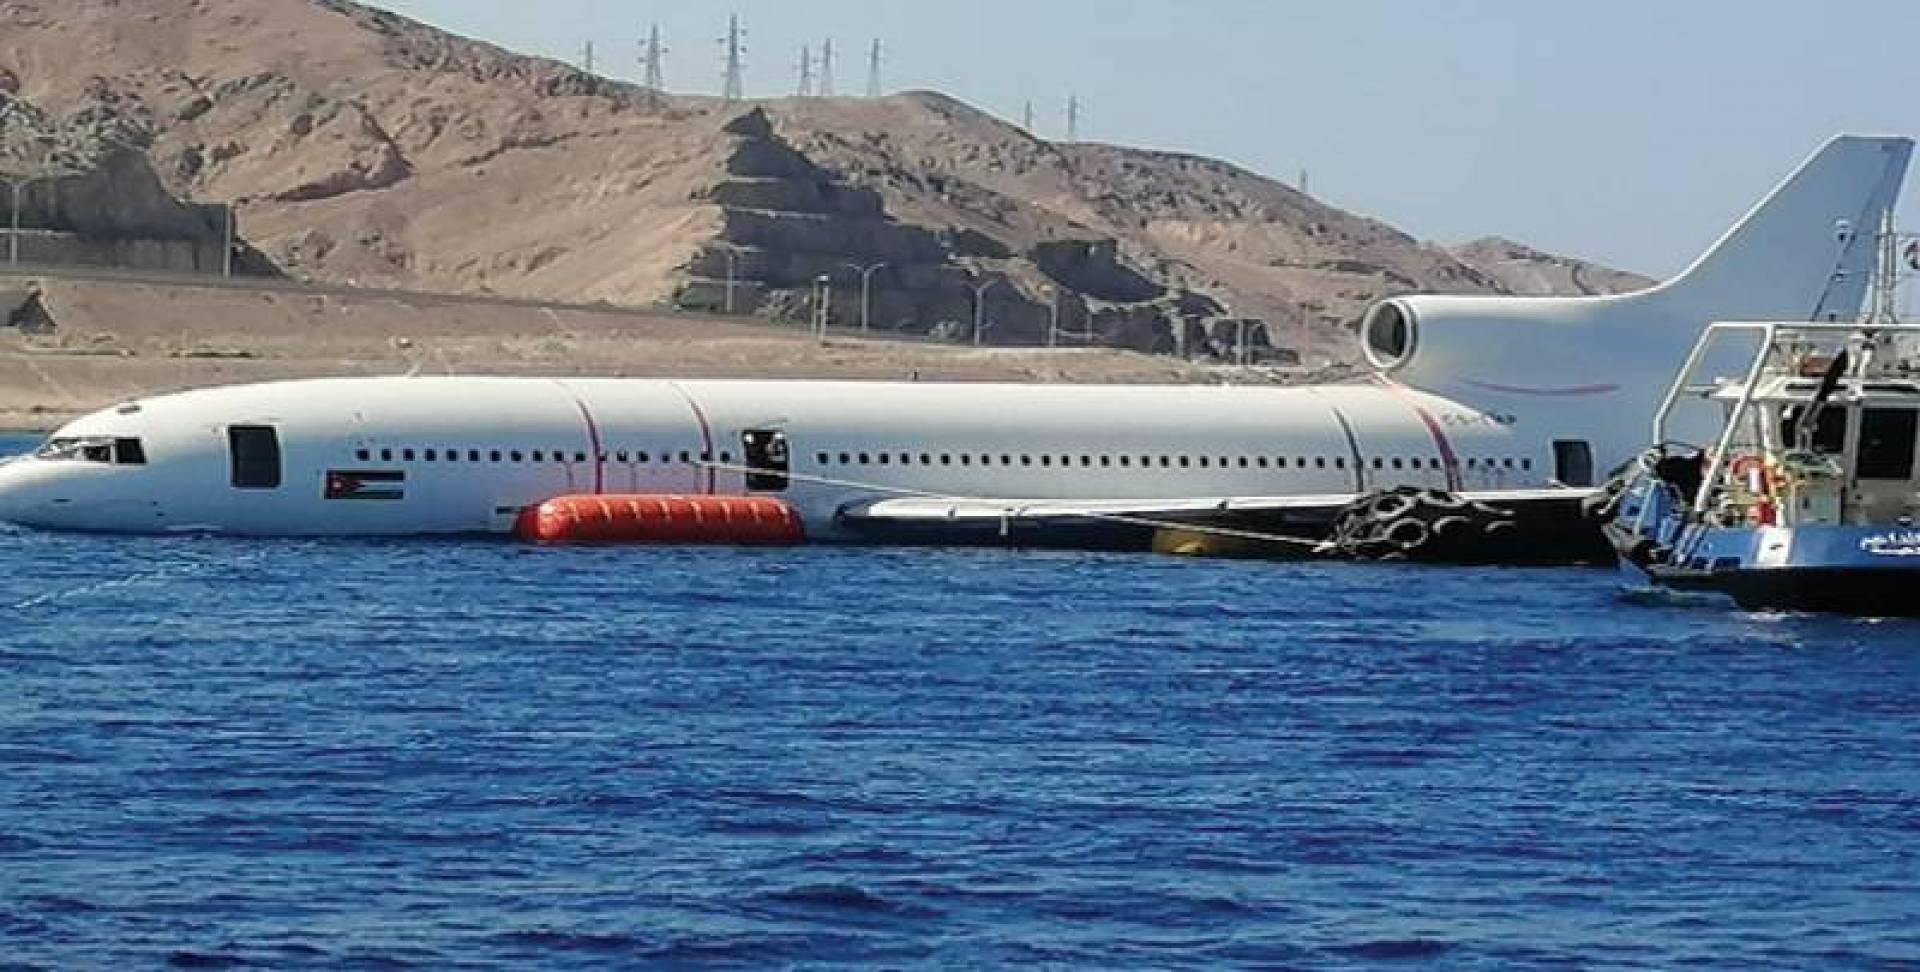 الأردن يغرق طائرة تجارية في خليج العقبة